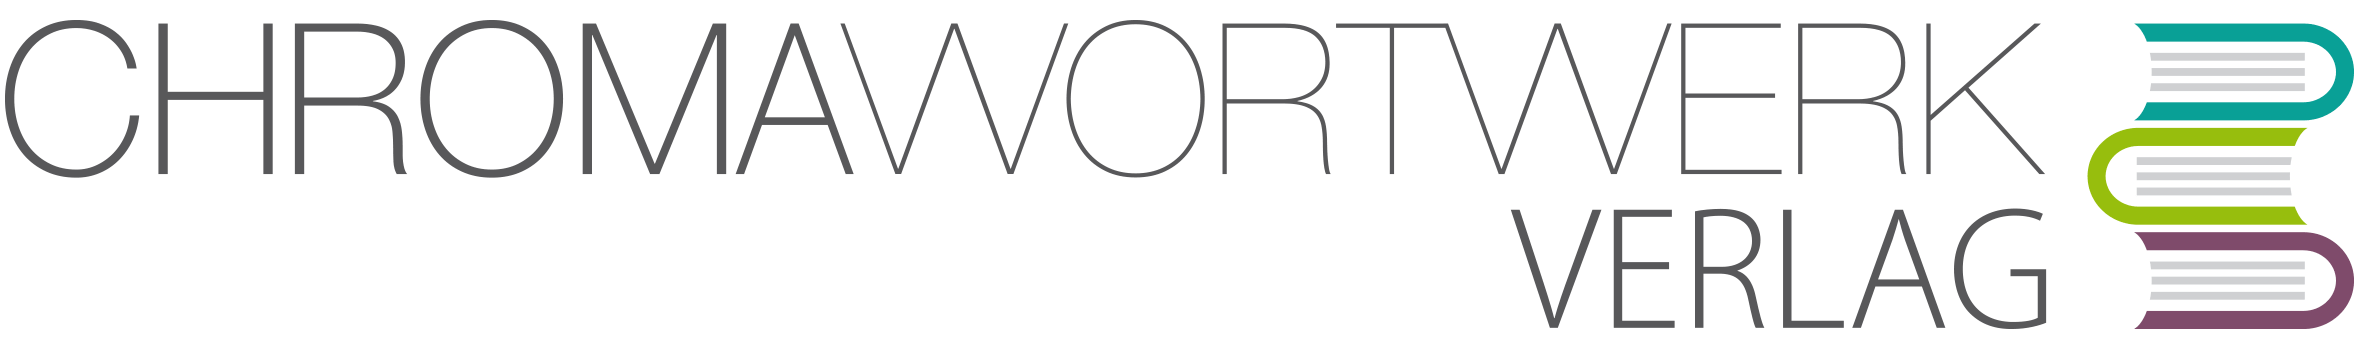 ChromaWortwerk Verlag